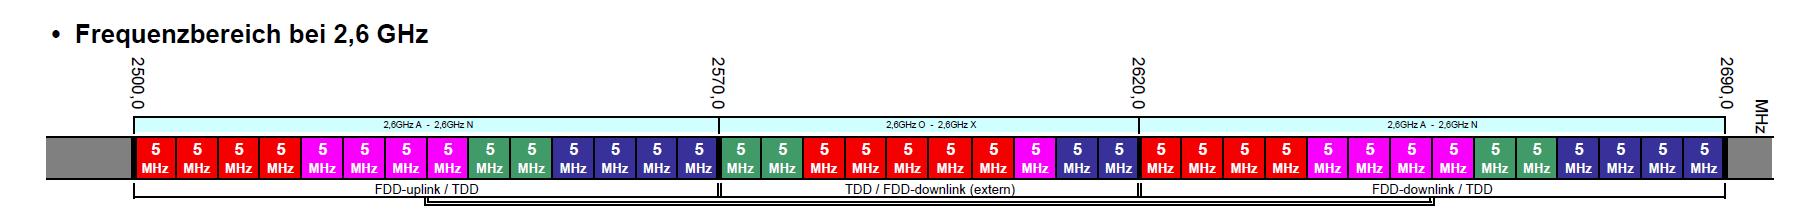 Frequenzverteilung im 2,6-Gigahertz-Band